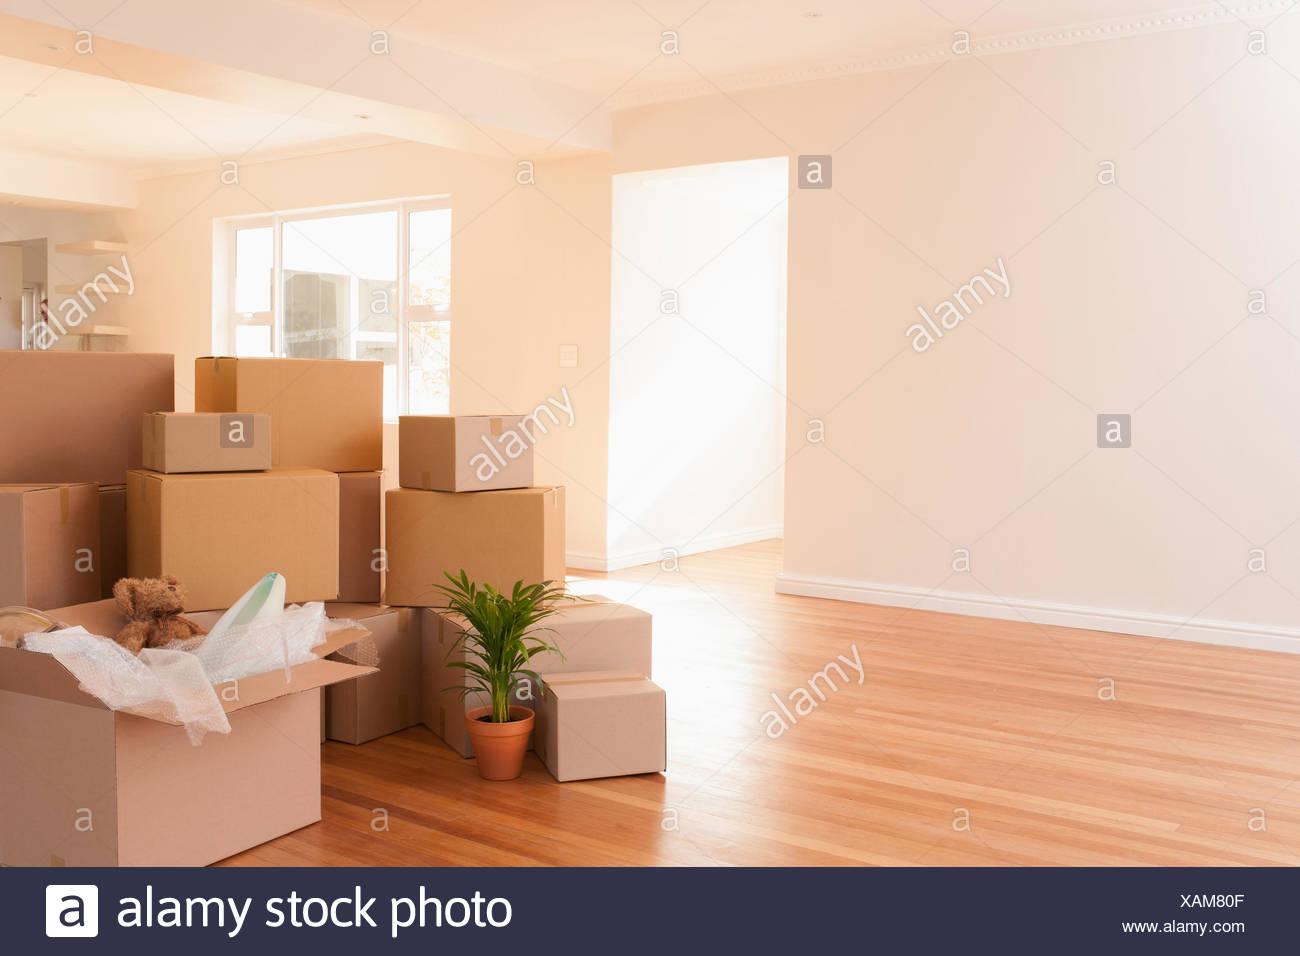 Plancher en bois boîtes empilées sur des nouvelle maison Photo Stock